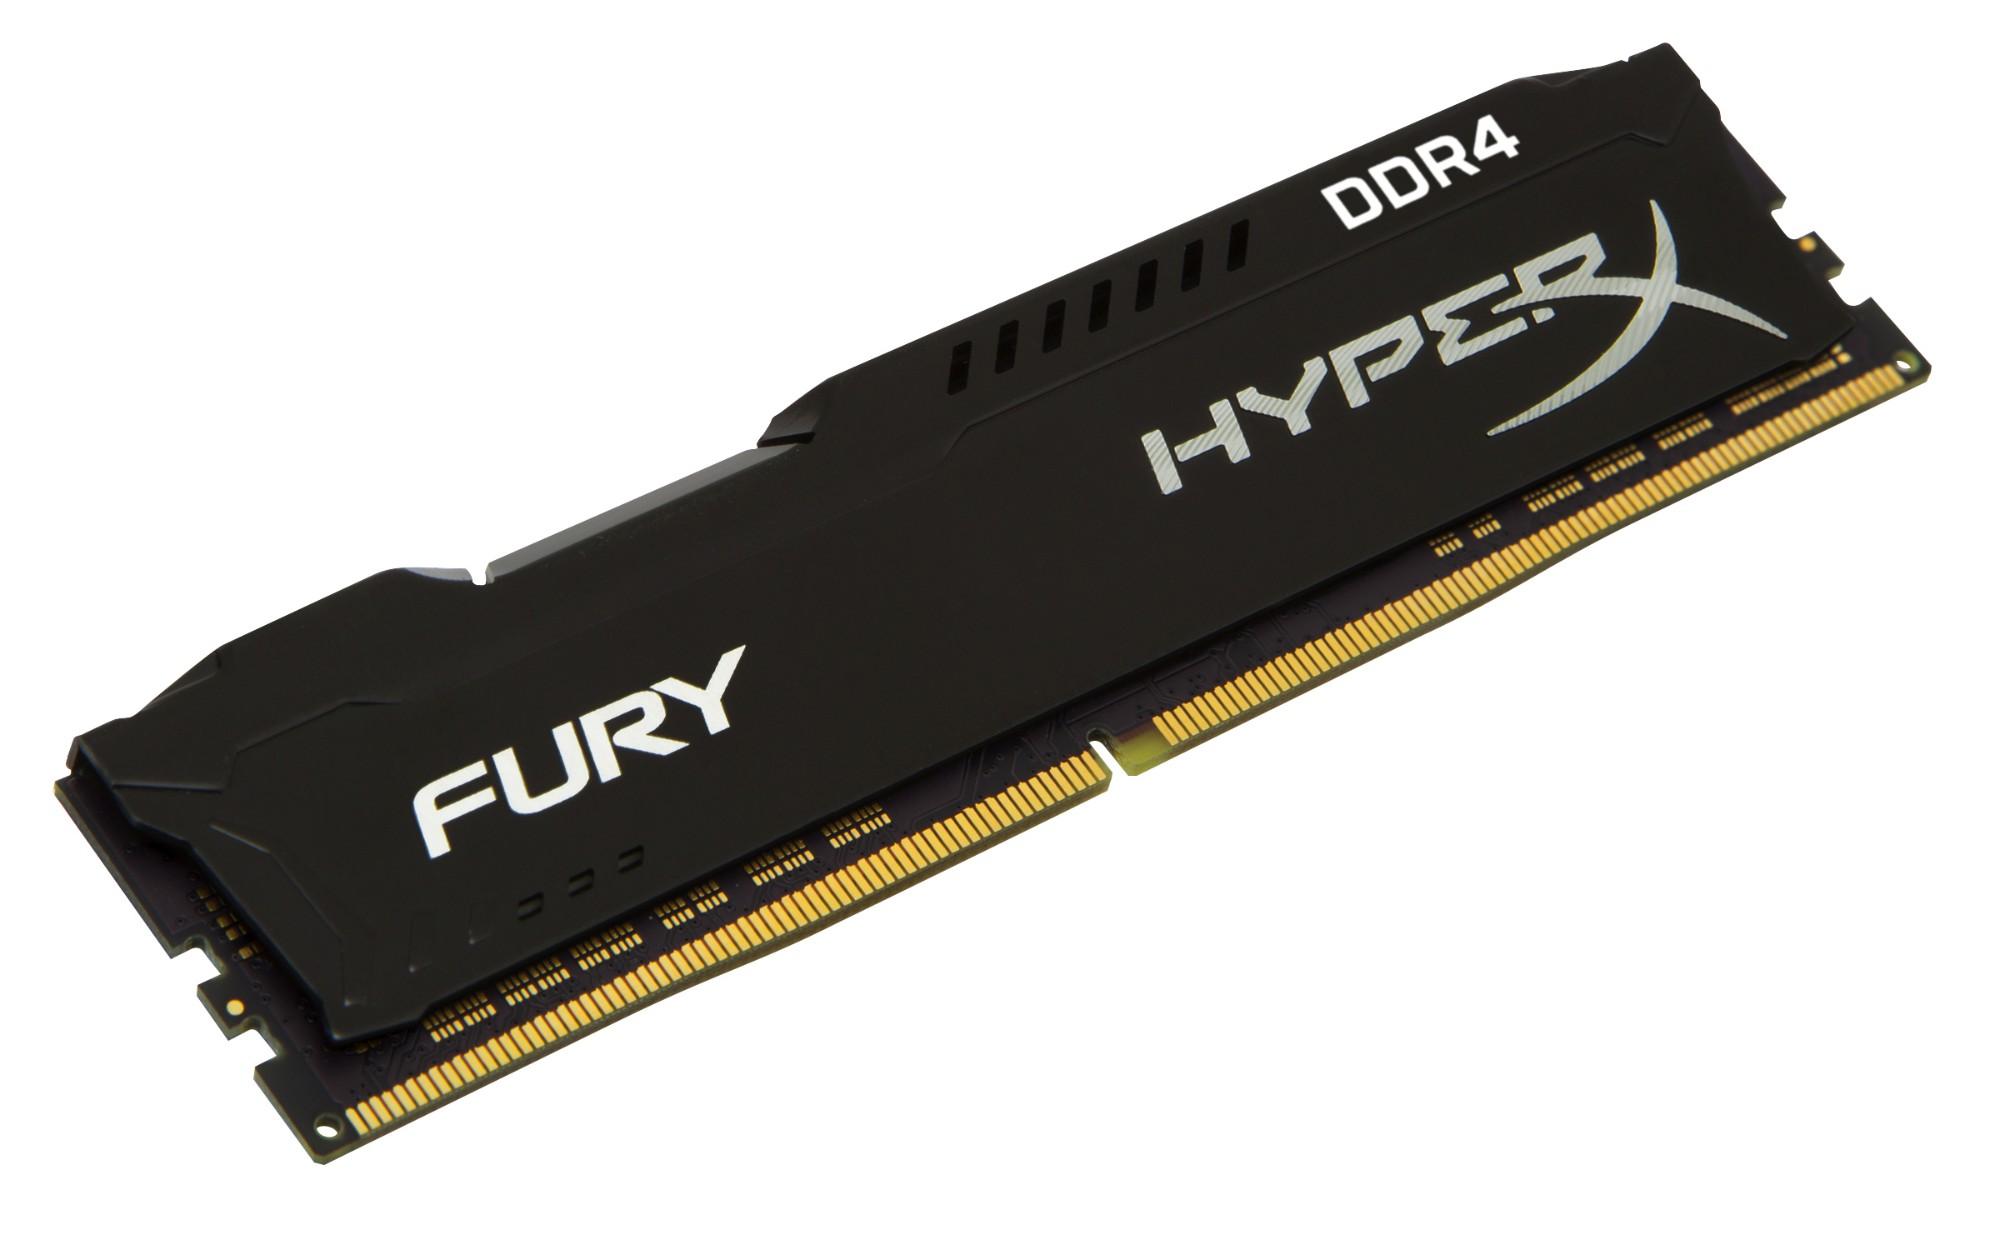 HyperX FURY Black 8GB DDR4 2400MHz memory module